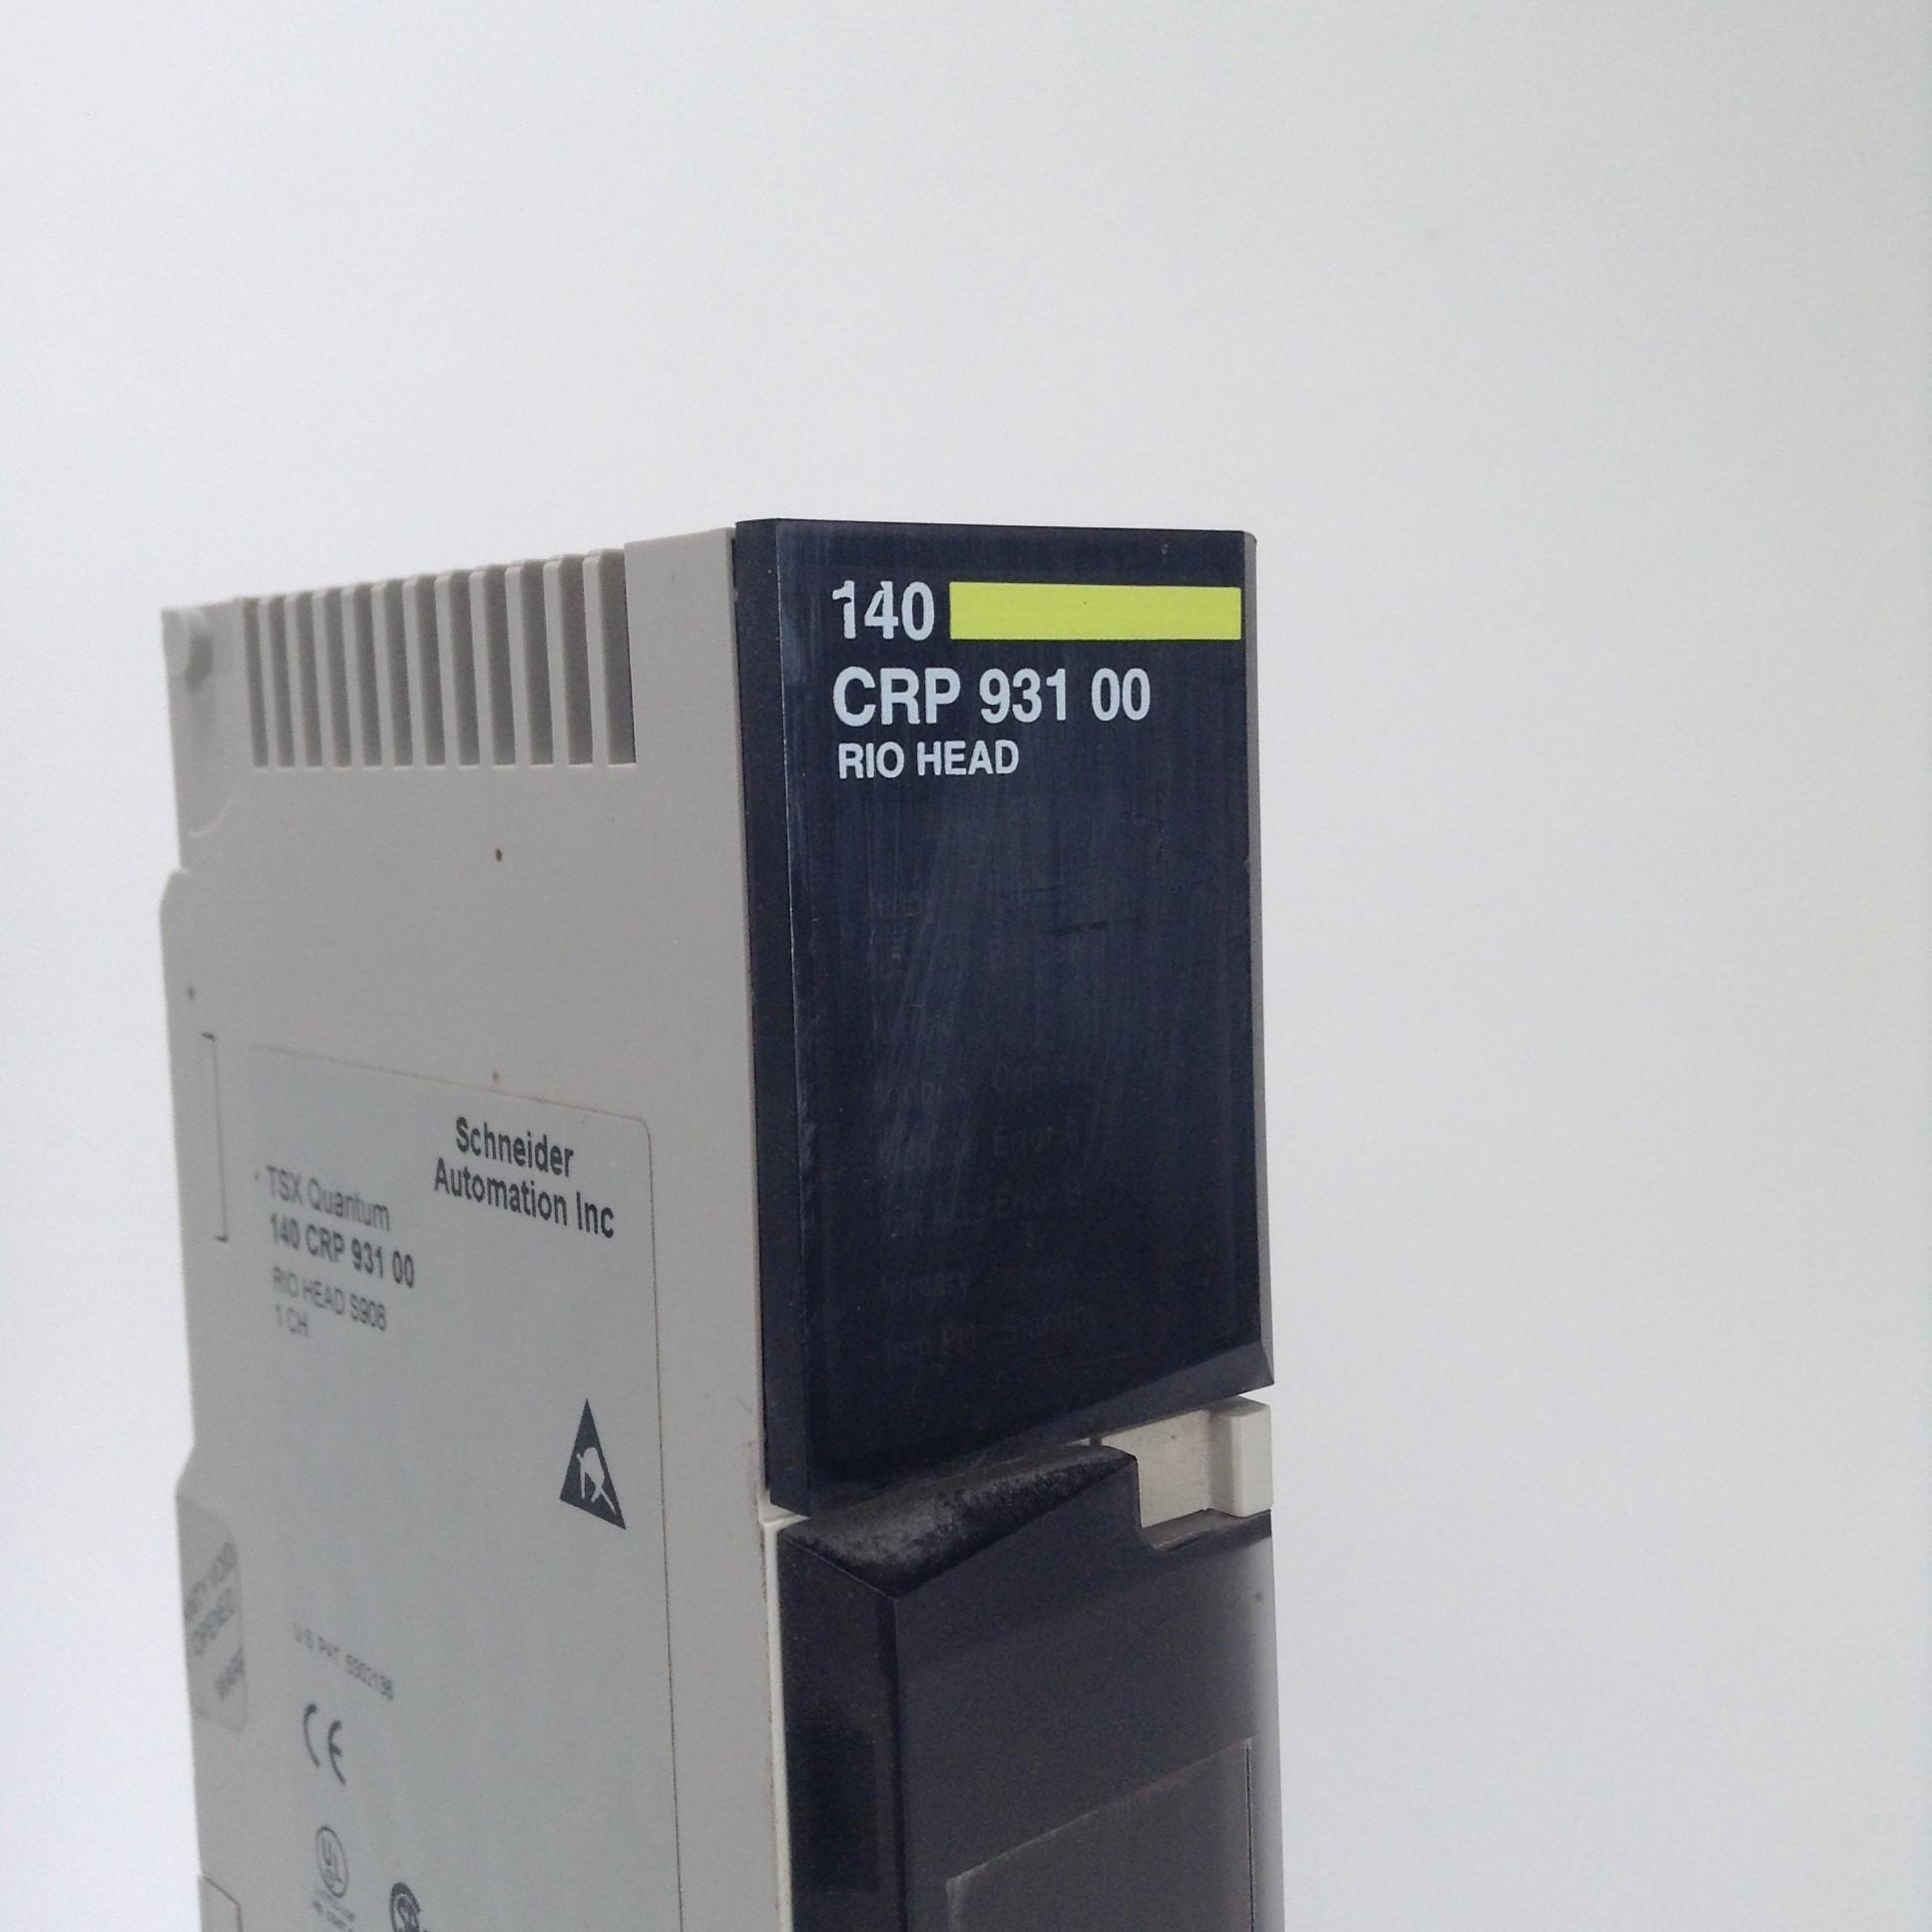 Schneider TSX Quantum 140CRP93100 RIO HEAD 140 CRP 931 00 USED